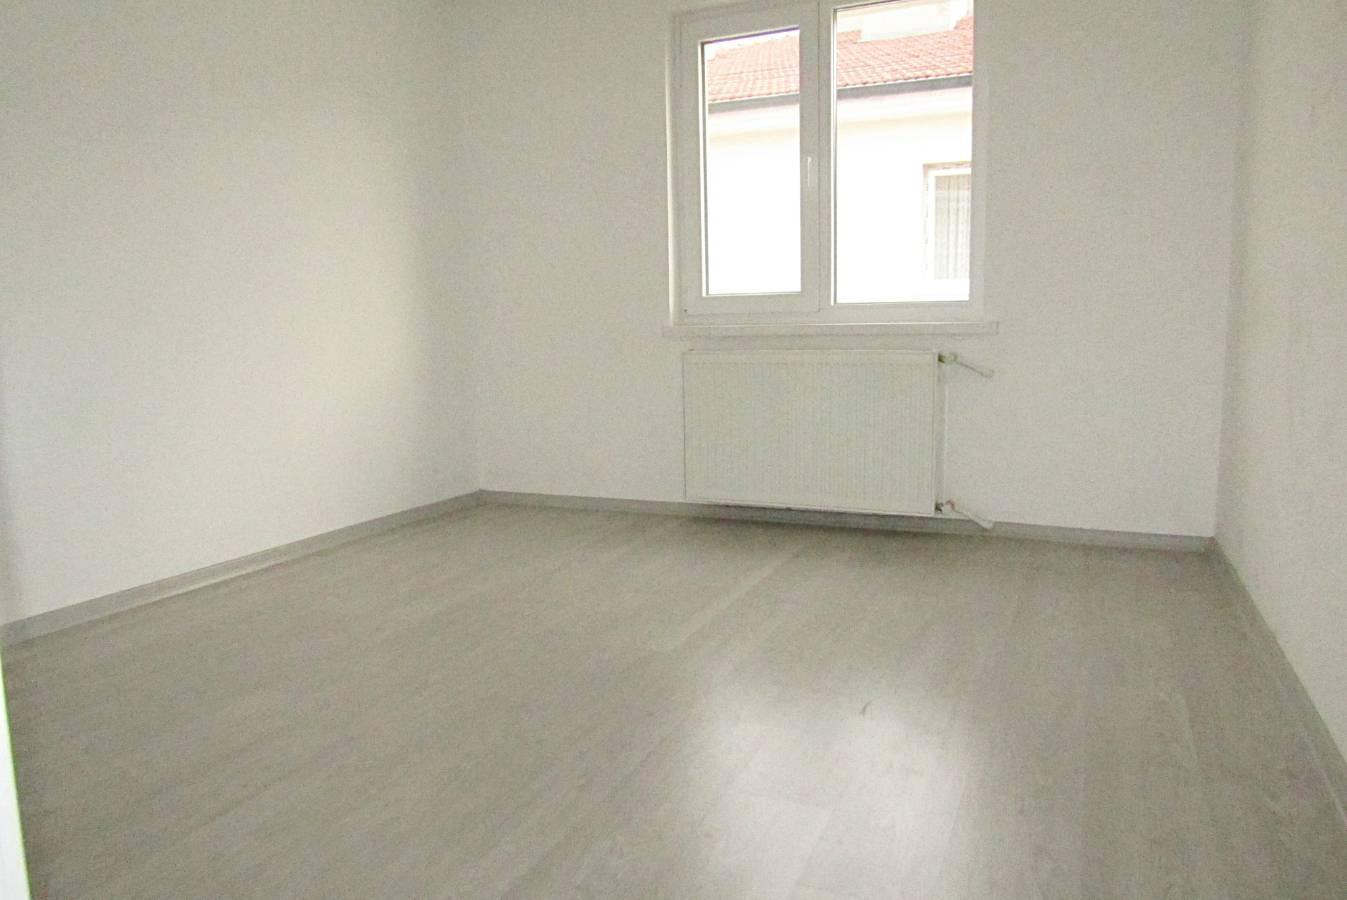 SR EMLAK'TAN ELVAN MAH'DE 3+1 100 m² ÖN CEPHE ULAŞIMA YAKIN KİRALIK DAİRE